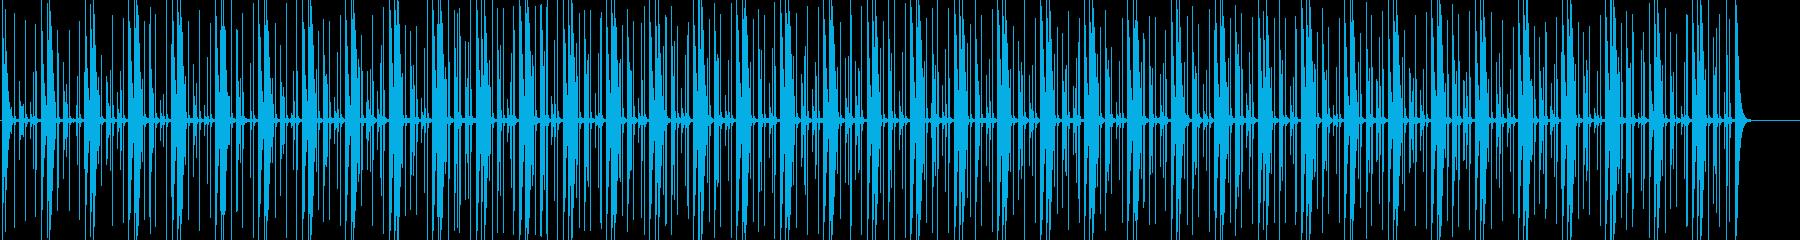 コンガの軽快なメレンゲのリズムの再生済みの波形